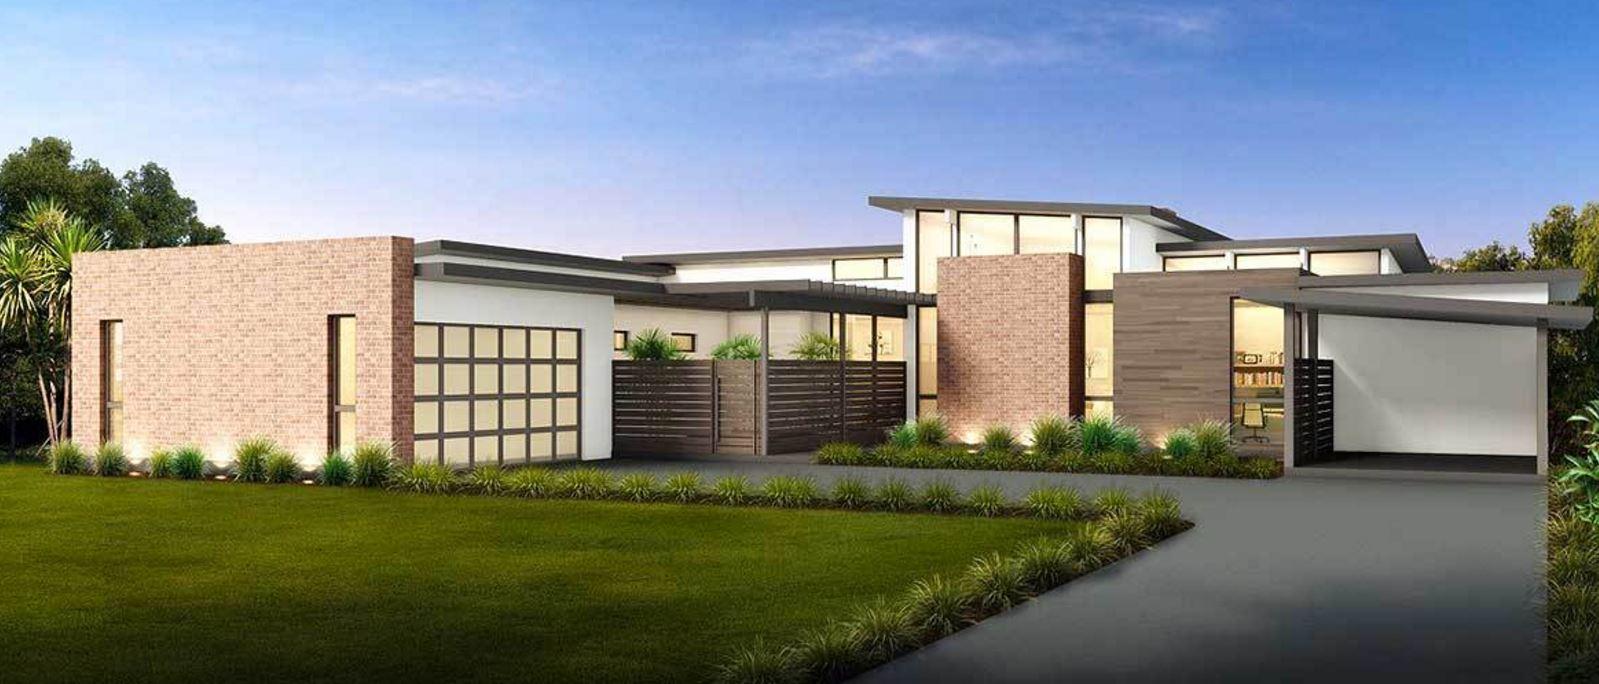 Casas modernas de una sola planta for Modelos de casas de una sola planta